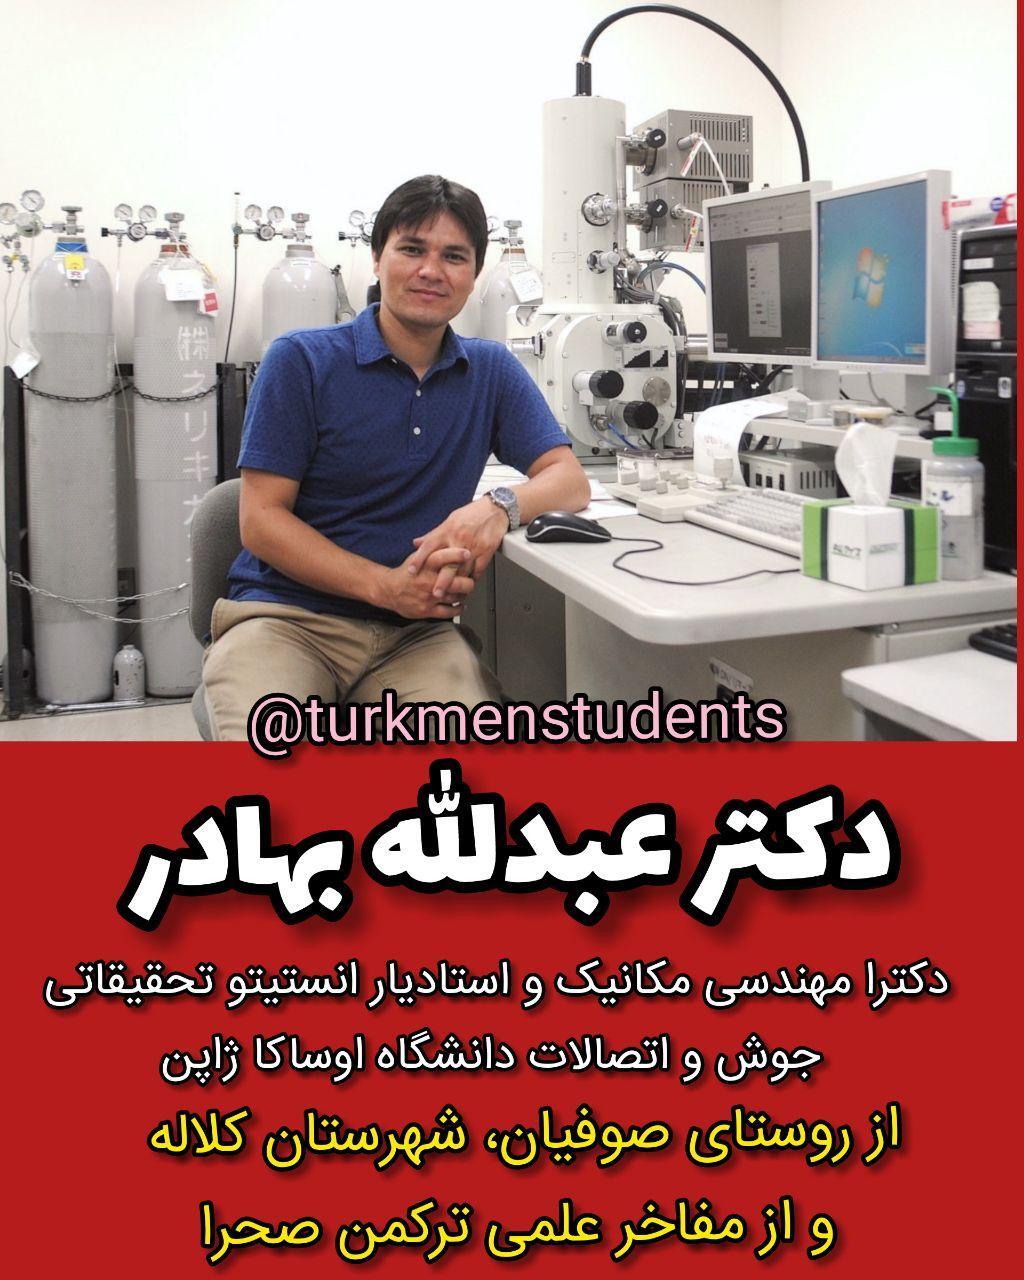 دکتر عبدالله بهادر ، دکترای مهندسی مکانیک و استادیار دانشگاه اوساکا ژاپن